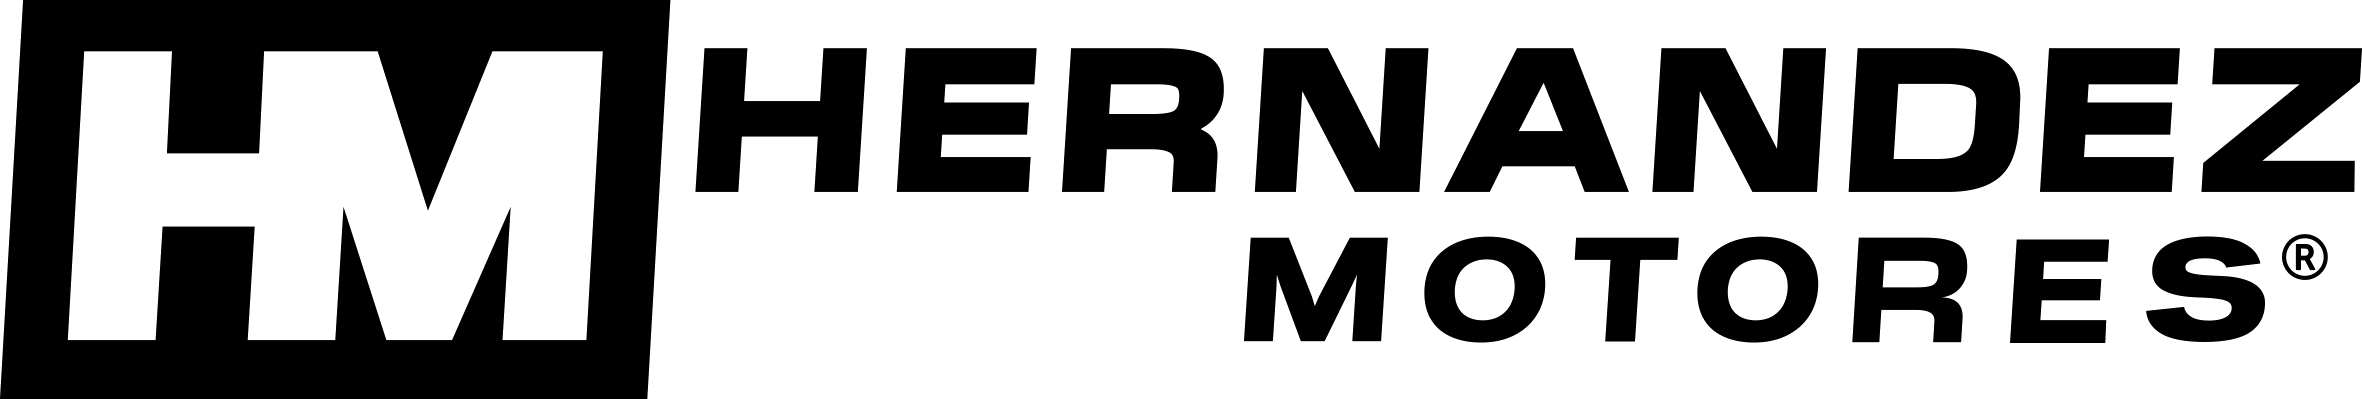 Logo de empresa